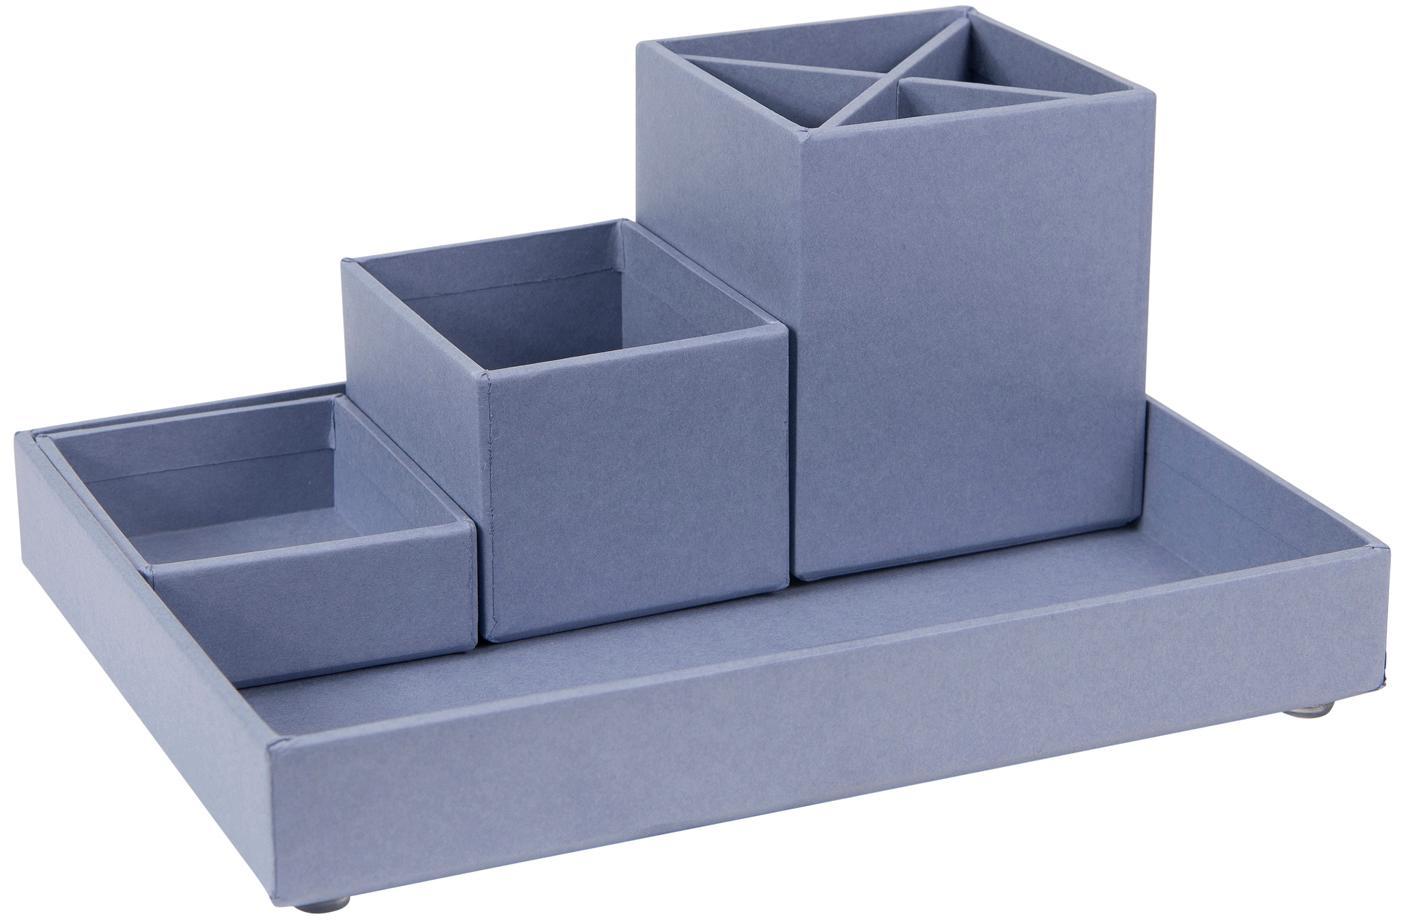 Büro-Organizer-Set Lena, 4-tlg., fester, laminierter Karton, Taubenblau, Set mit verschiedenen Grössen